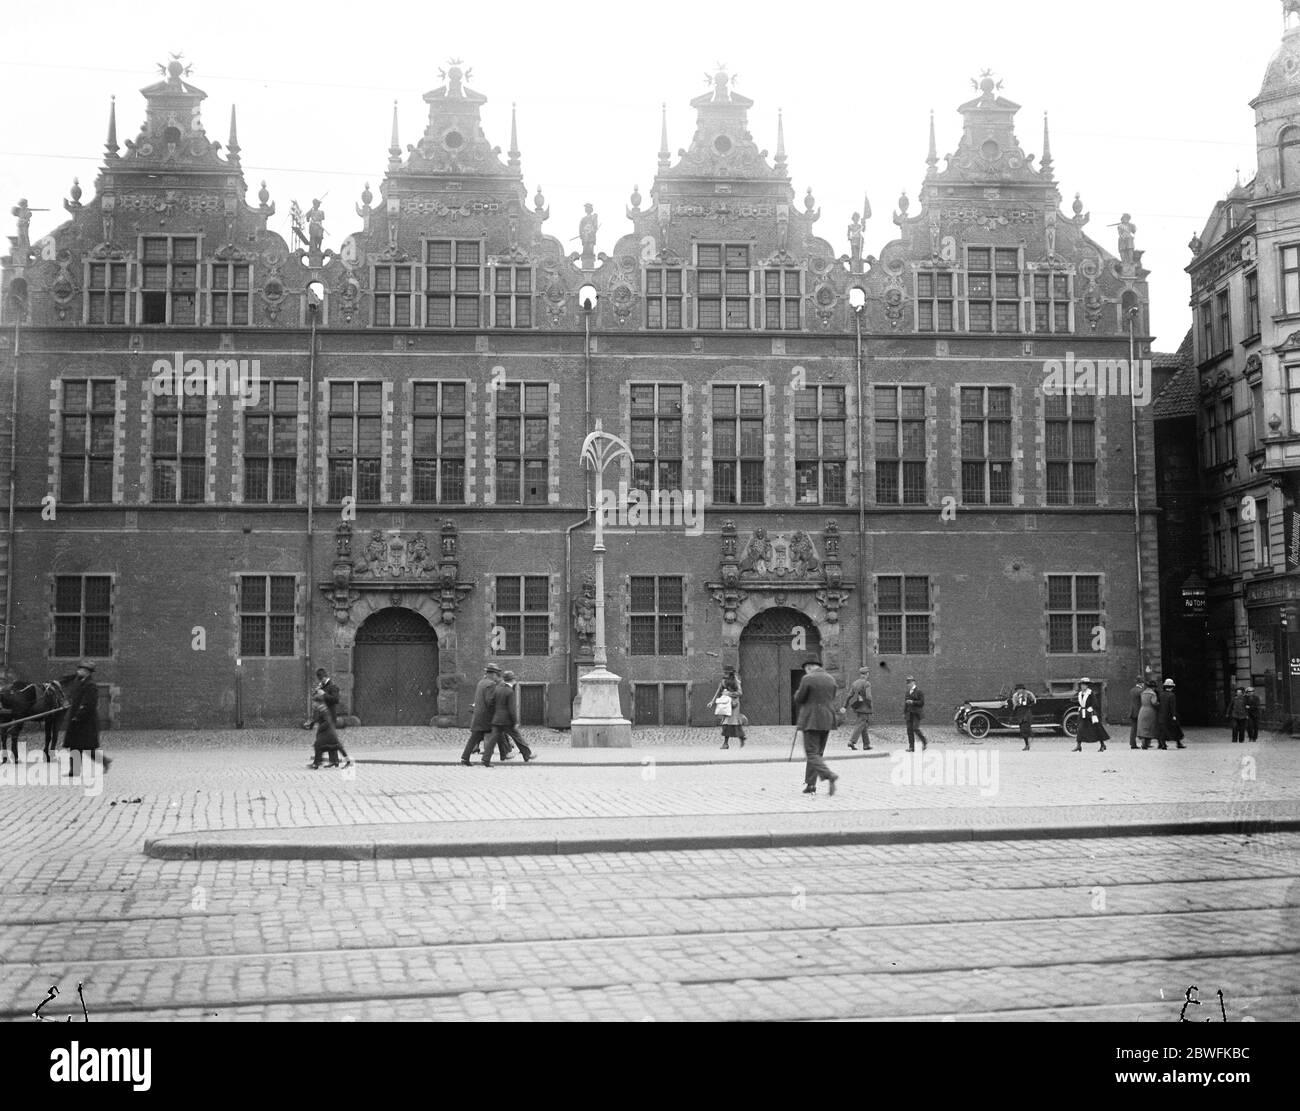 Dantzig , Pologne le Zeughaus . Parlement 24 octobre 1921 Banque D'Images